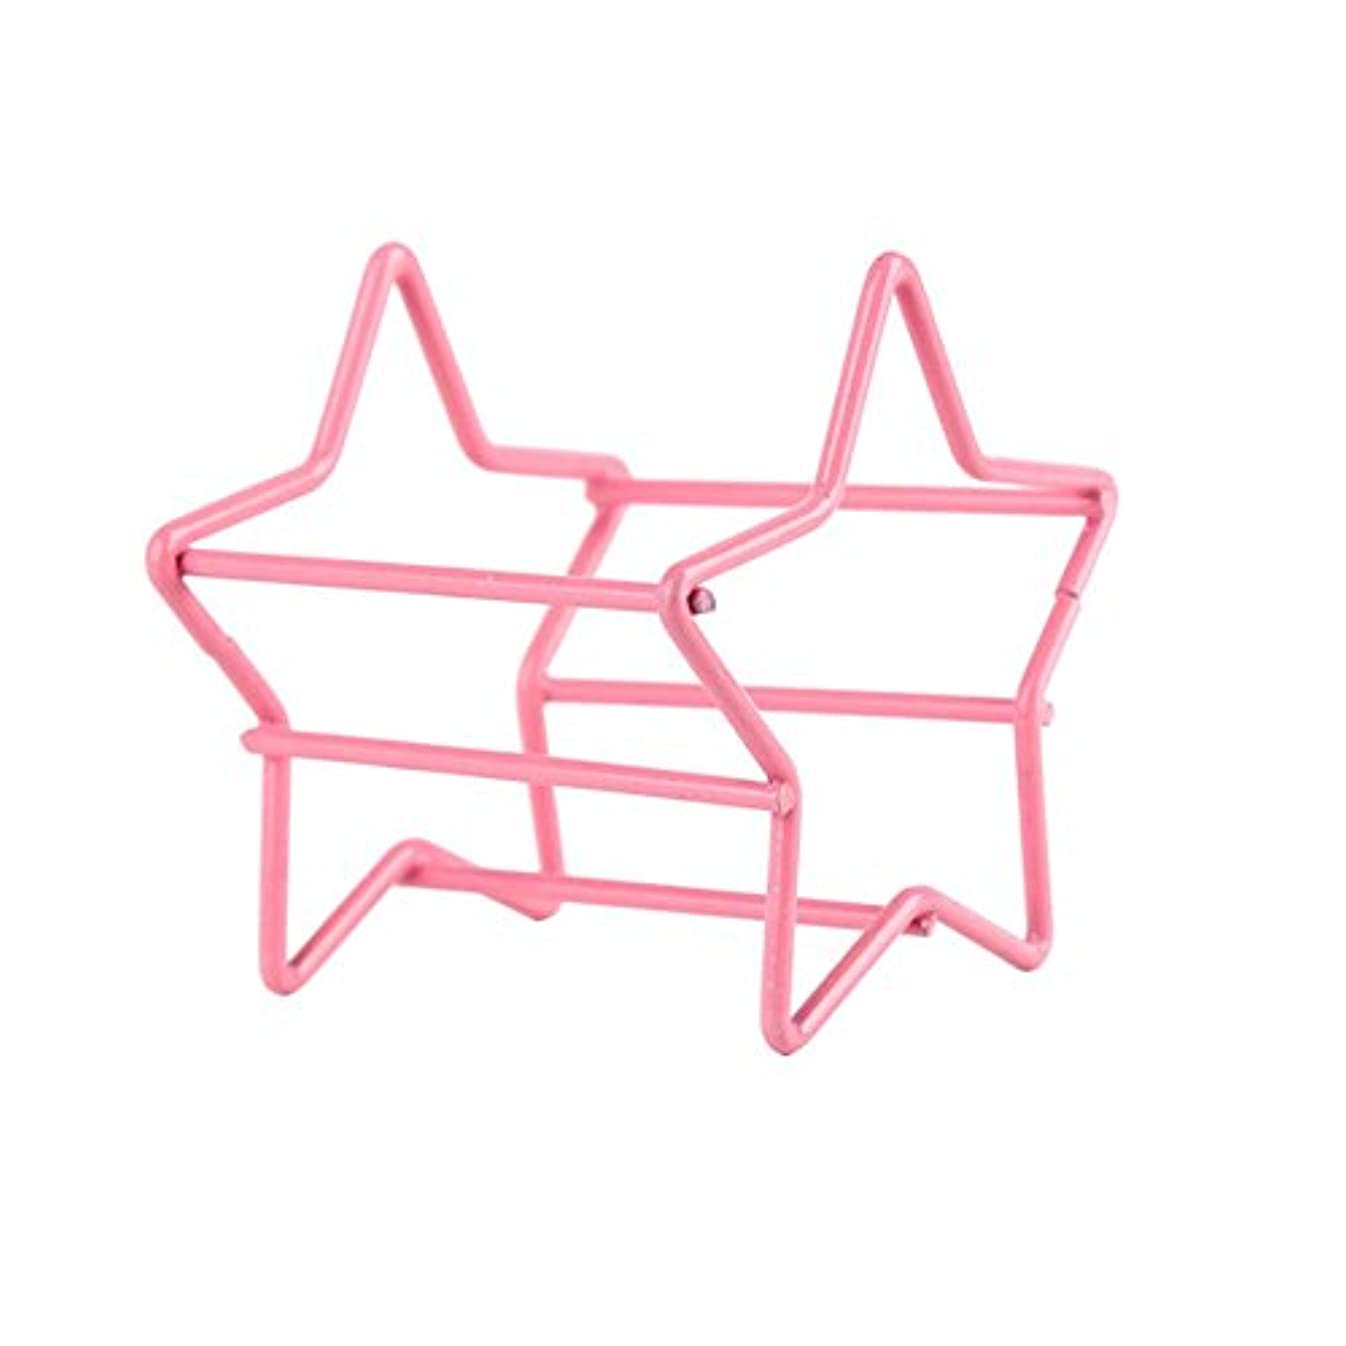 疼痛強大な豚2メイクアップエッグパウダーパフスポンジディスプレイスタンド乾燥ホルダーラックのセット